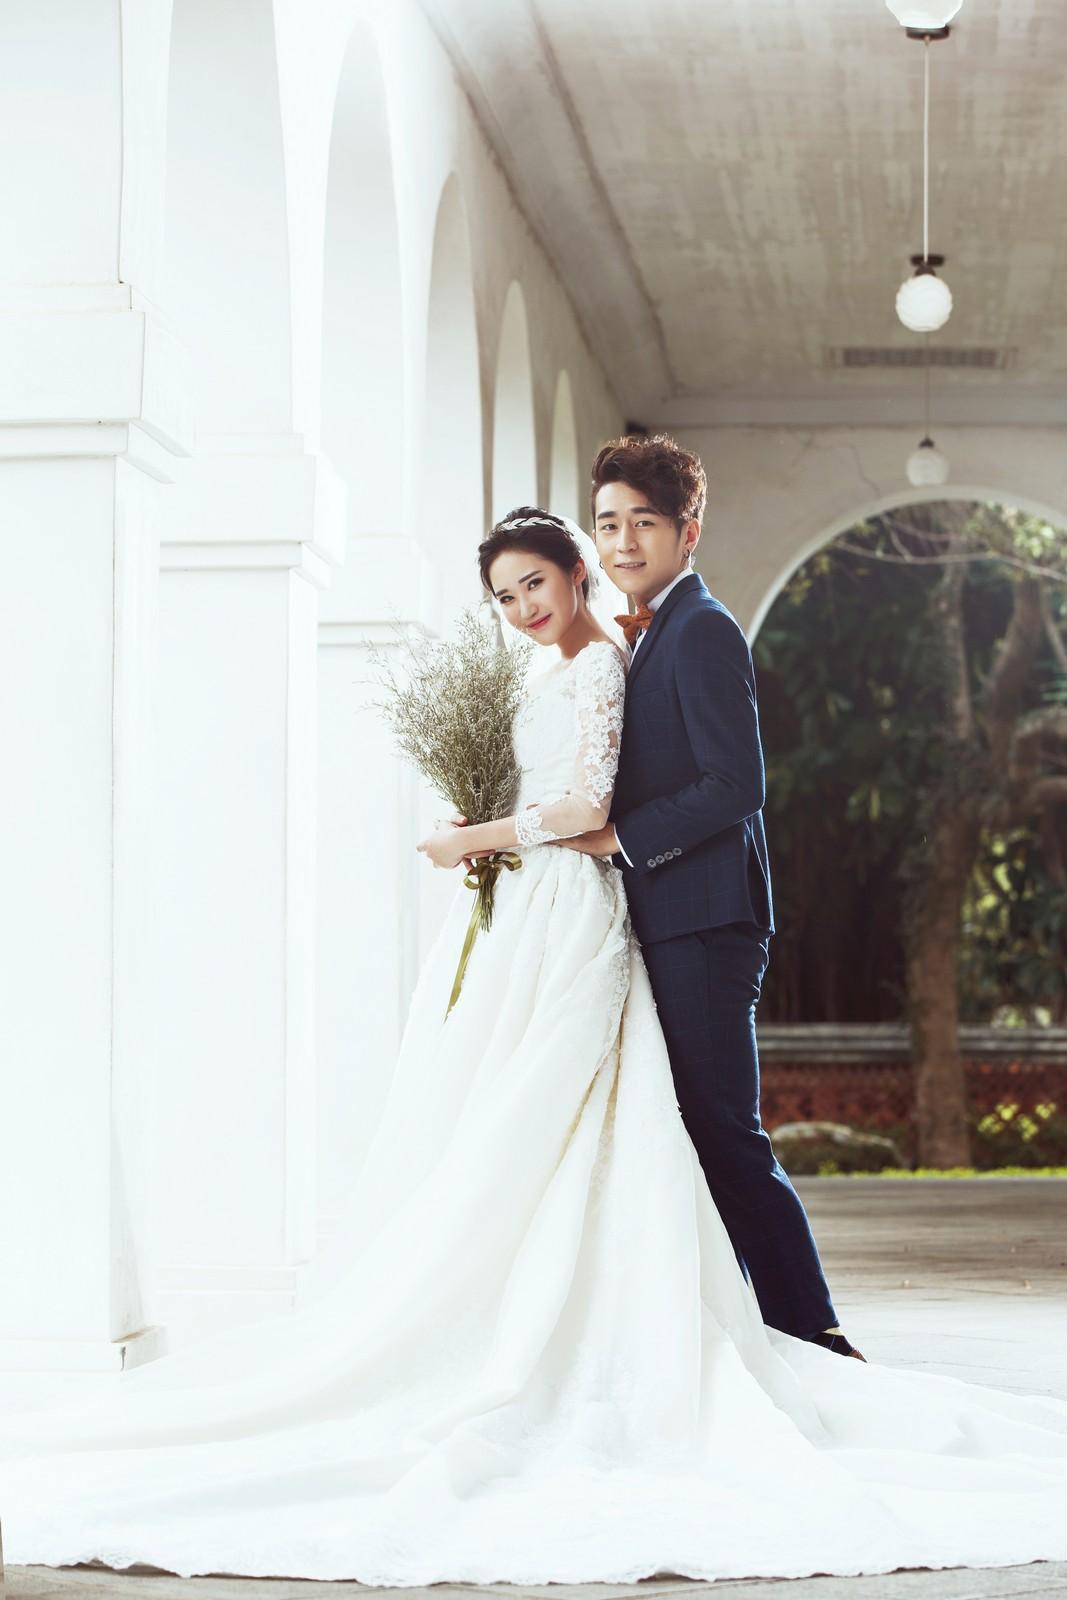 台北 婚紗照  海外婚紗 台灣拍婚紗 臺北 婚紗攝影